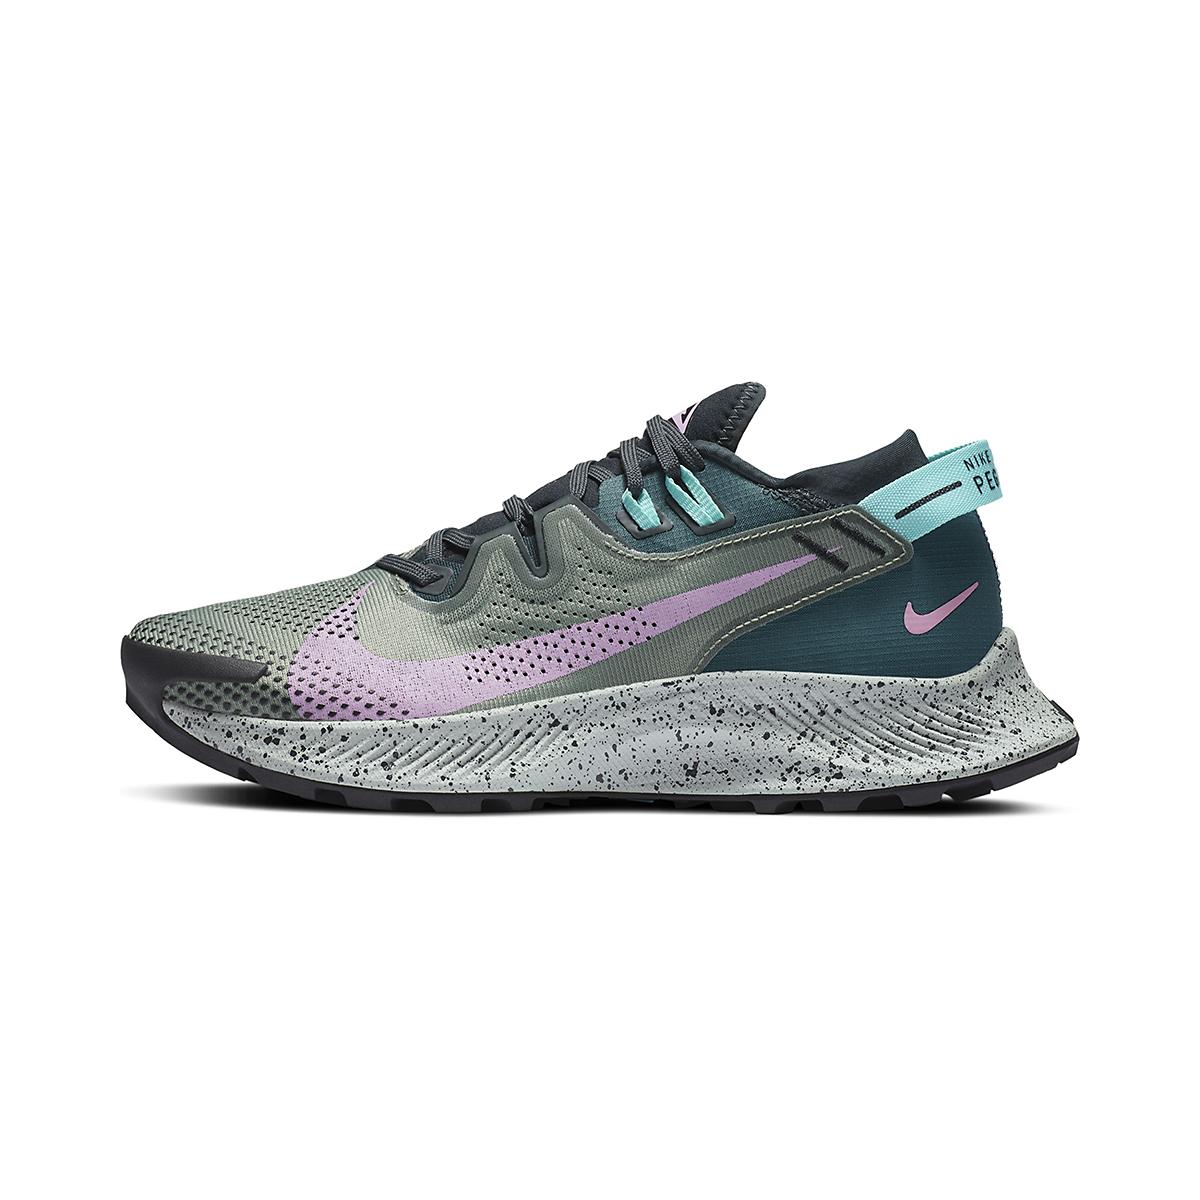 Women's Nike Pegasus Trail 2 Trail Running Shoe - Color: Seaweed/Beyond - Size: 5 - Width: Regular, Seaweed/Beyond, large, image 2